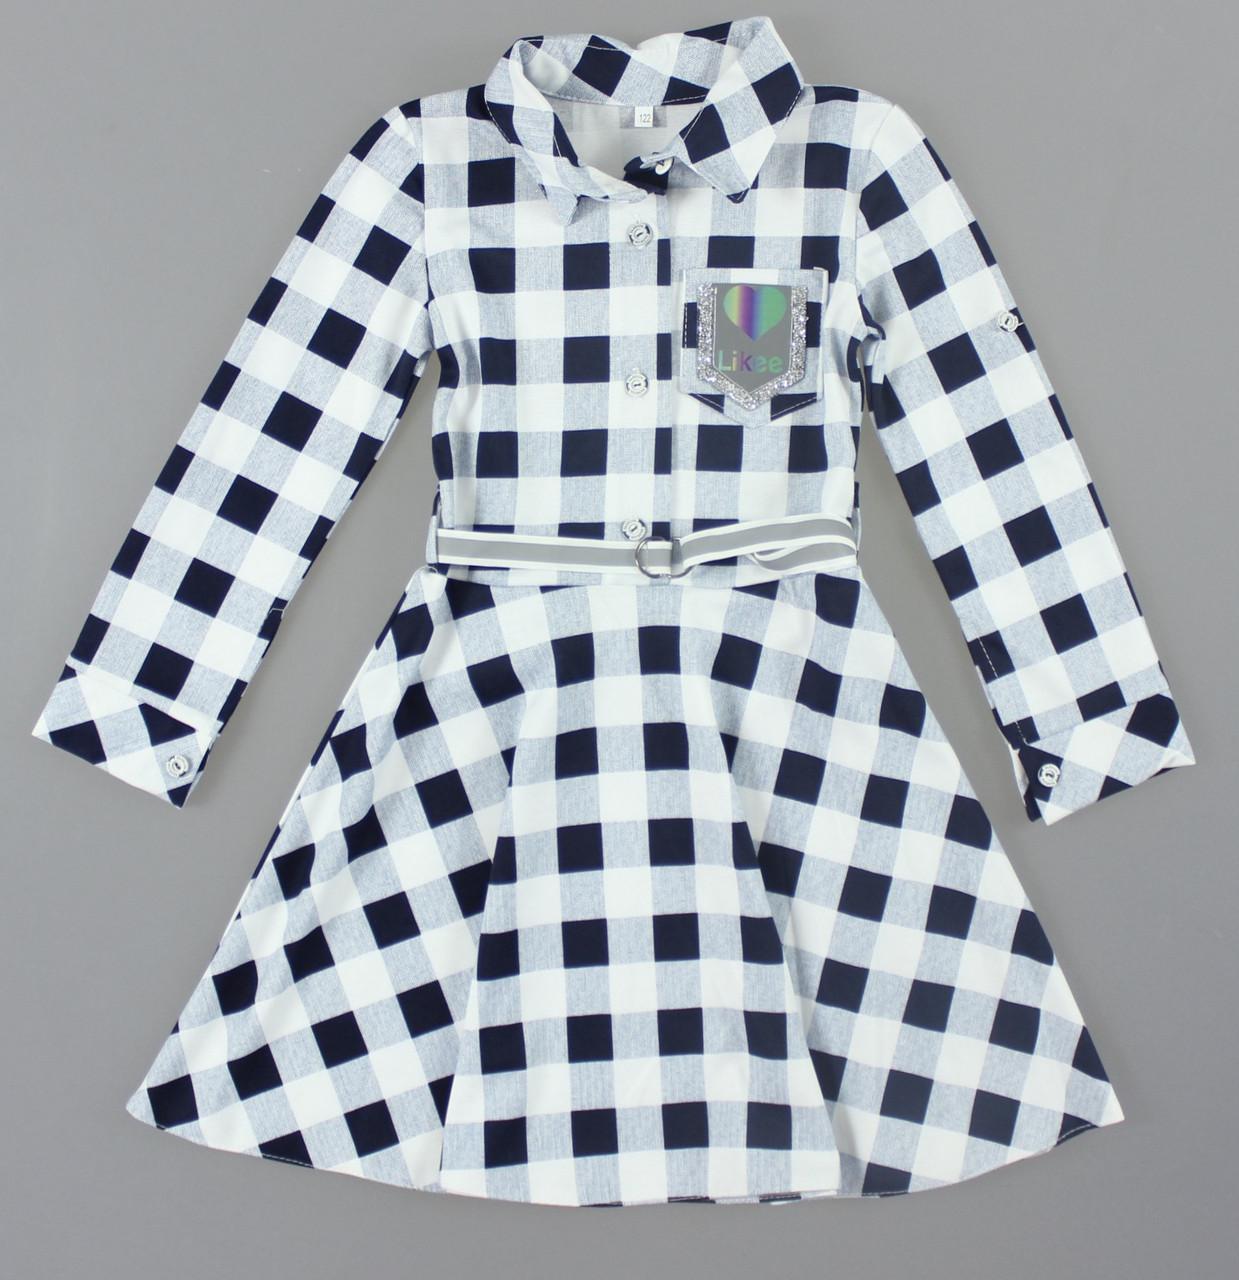 {есть:134} Платье-рубашка клетка для девочек,  Артикул: DAK12-синий [134]